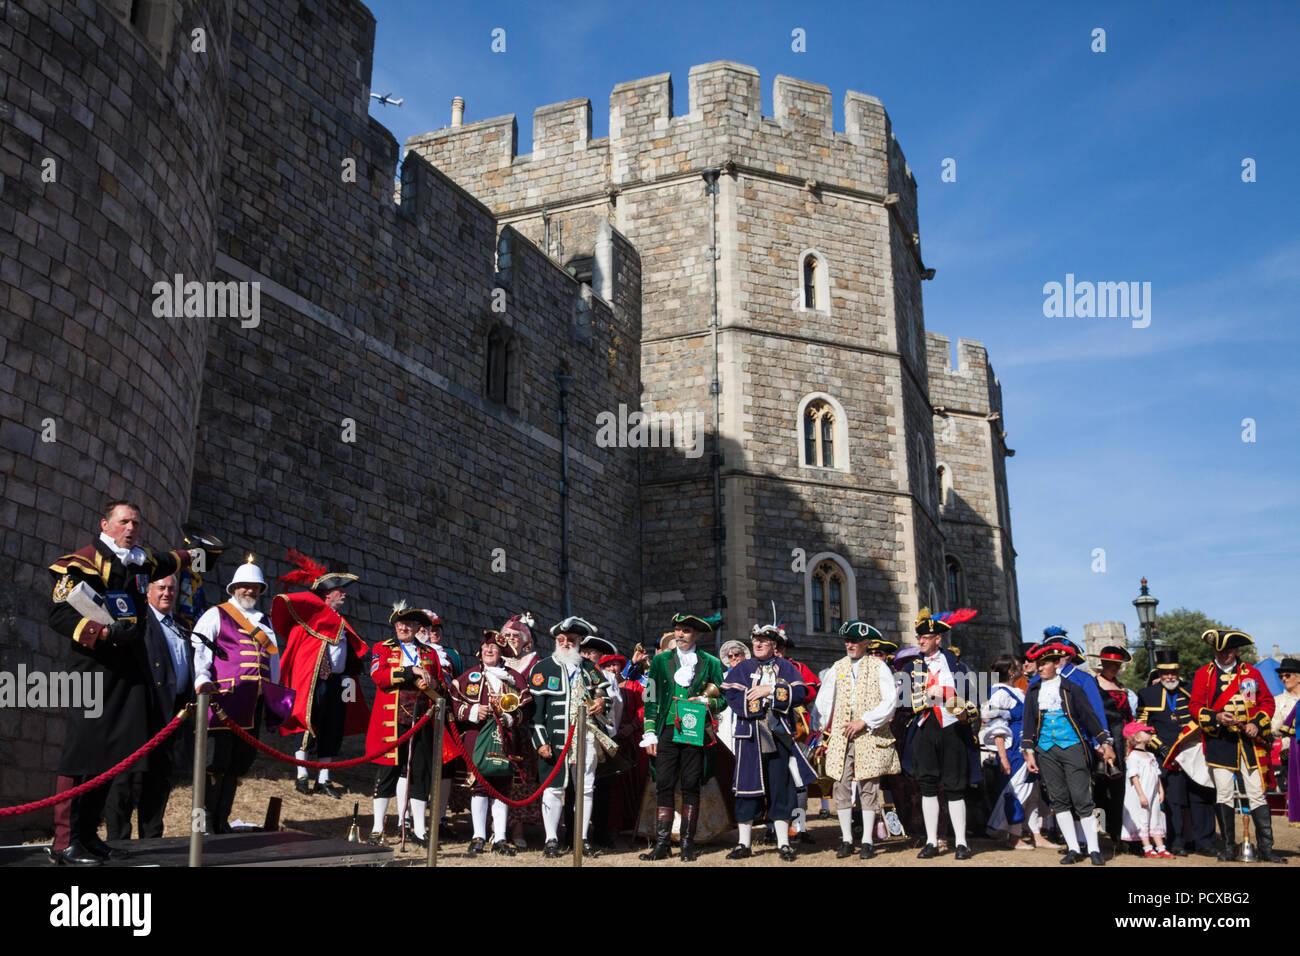 """Windsor, Royaume-Uni. 4 Août, 2018. Quarante crieurs du Royaume-Uni et deux d'Australie rassembler à l'extérieur du château de Windsor pour la cérémonie de remise des prix à l'ancienne et honorable de la Guilde des crieurs publics (AHGTC) Championnat national. Ils ont concouru dans deux séries de pleurs, le premier cri d'une maison a marqué sur la diction, l'intonation, la clarté et le volume et le second un cri sur le thème de """"la fête"""". Credit: Mark Kerrison/Alamy Live News Photo Stock"""